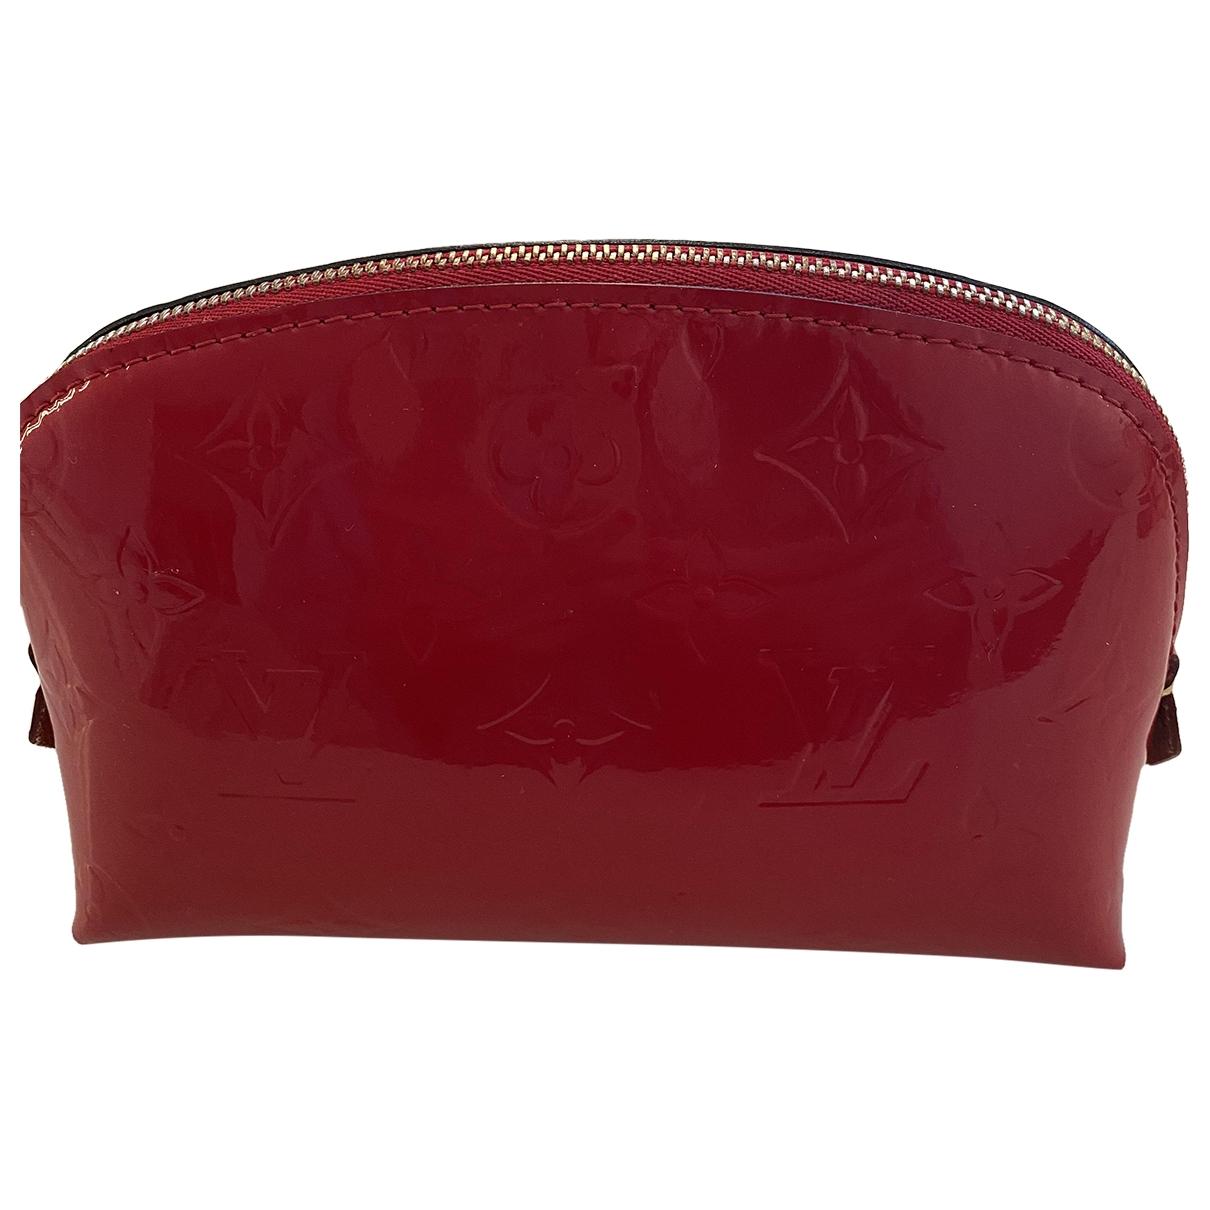 Louis Vuitton - Sac de voyage   pour femme en cuir verni - rouge